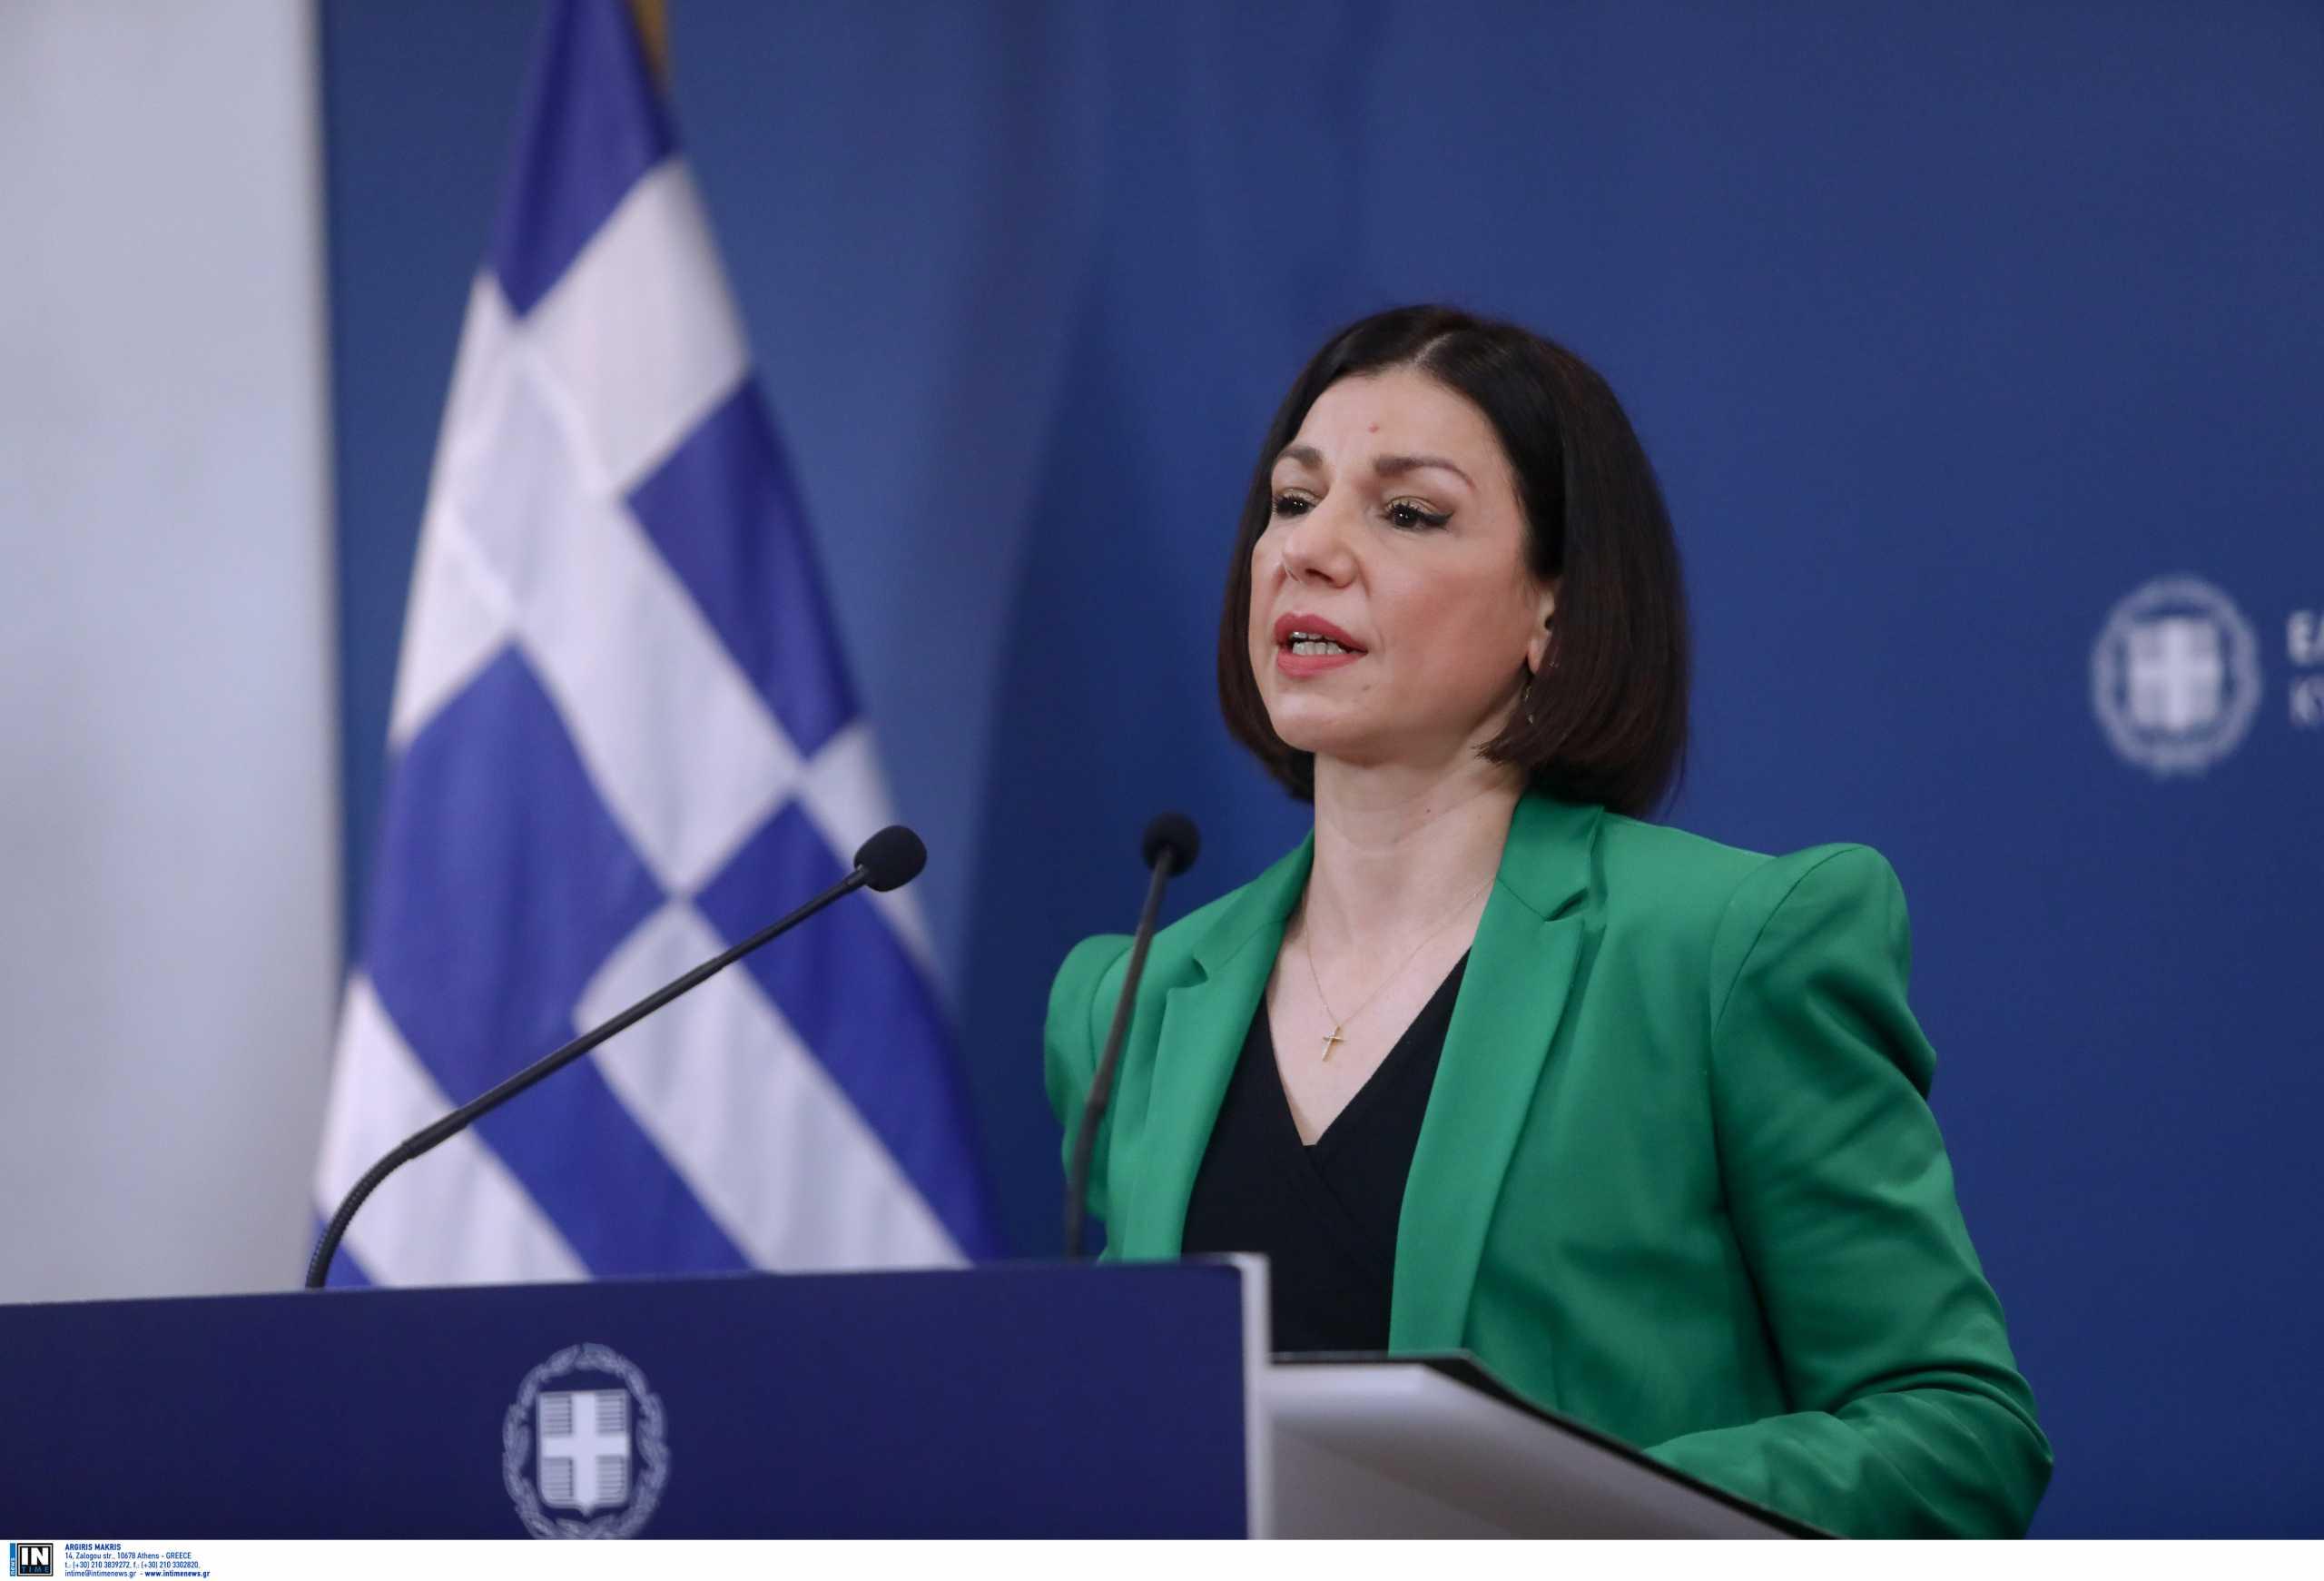 Αριστοτελία Πελώνη: Ο ΣΥΡΙΖΑ υπονομεύει κάθε προσπάθεια – Ήταν και είναι μια φωνή μιζέριας